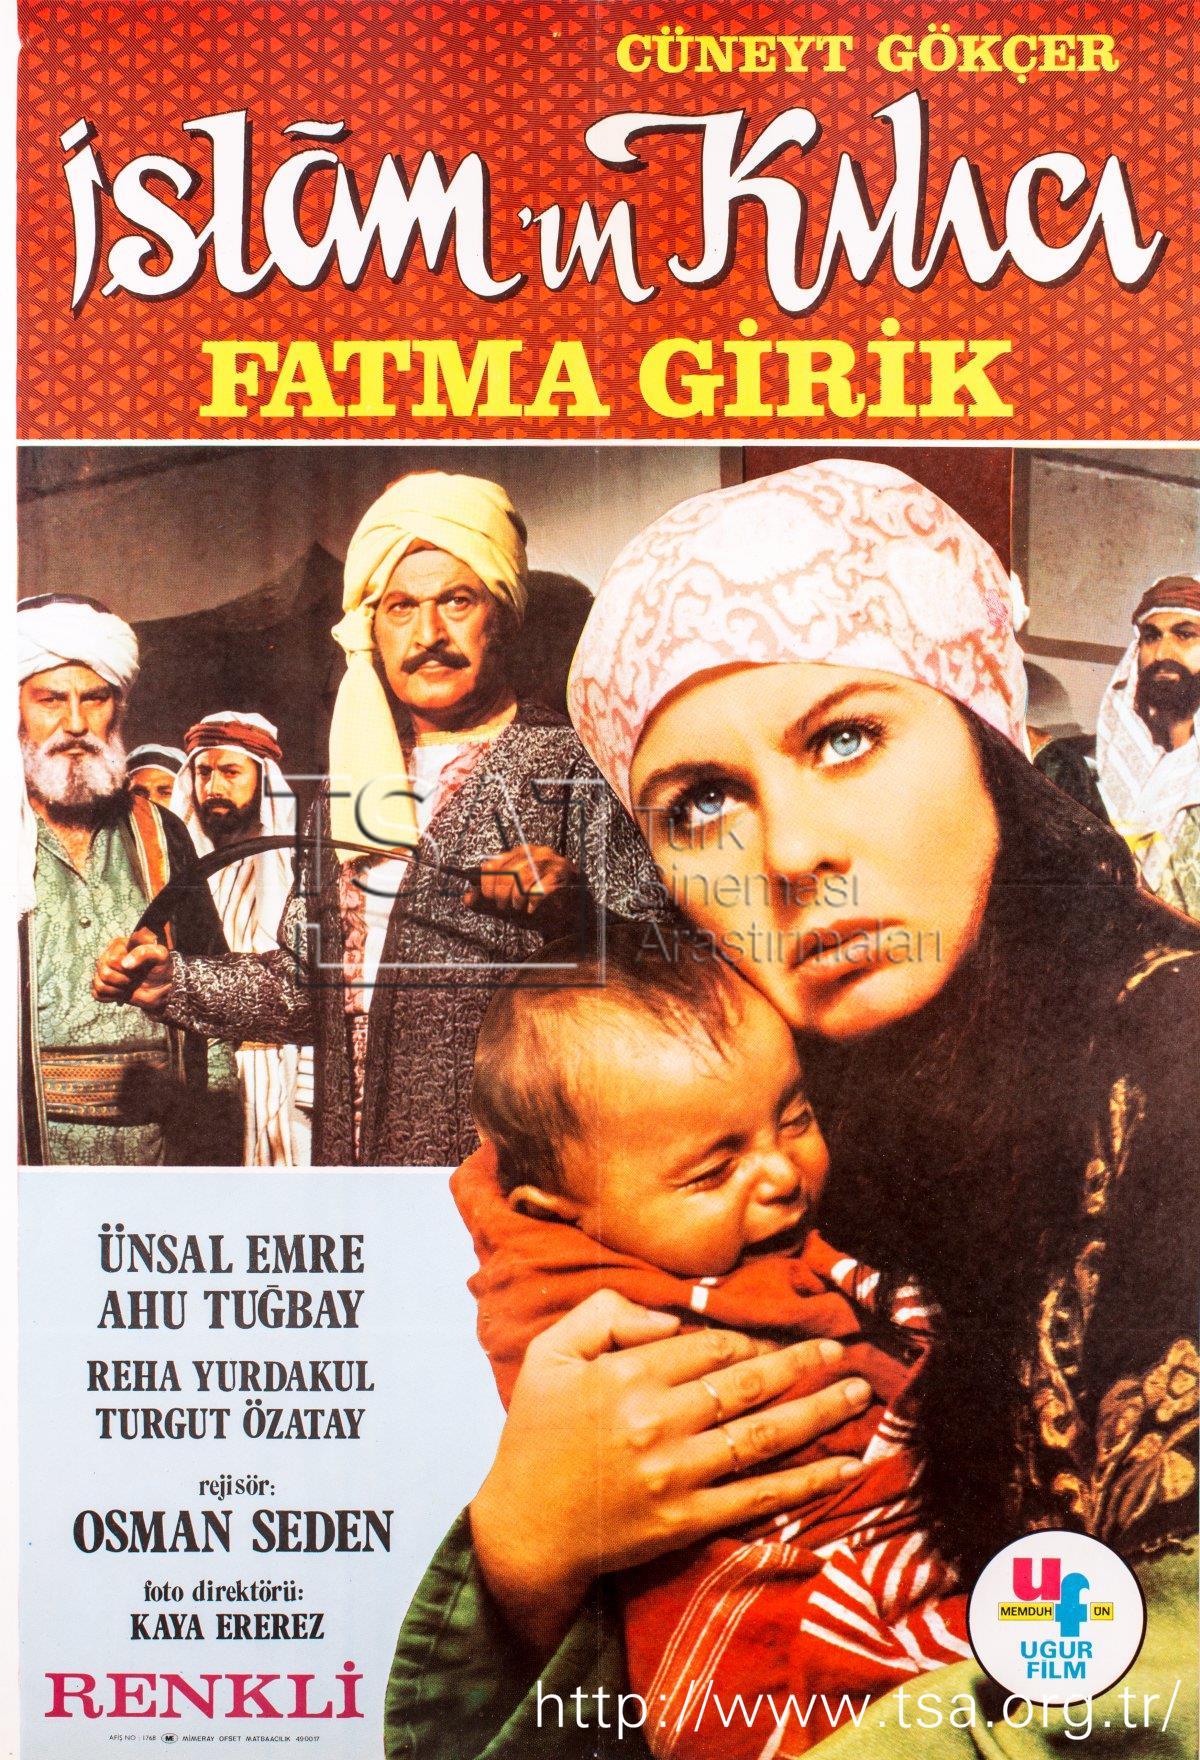 hazreti omer in adaleti tsa turk sinemasi arastirmalari beta